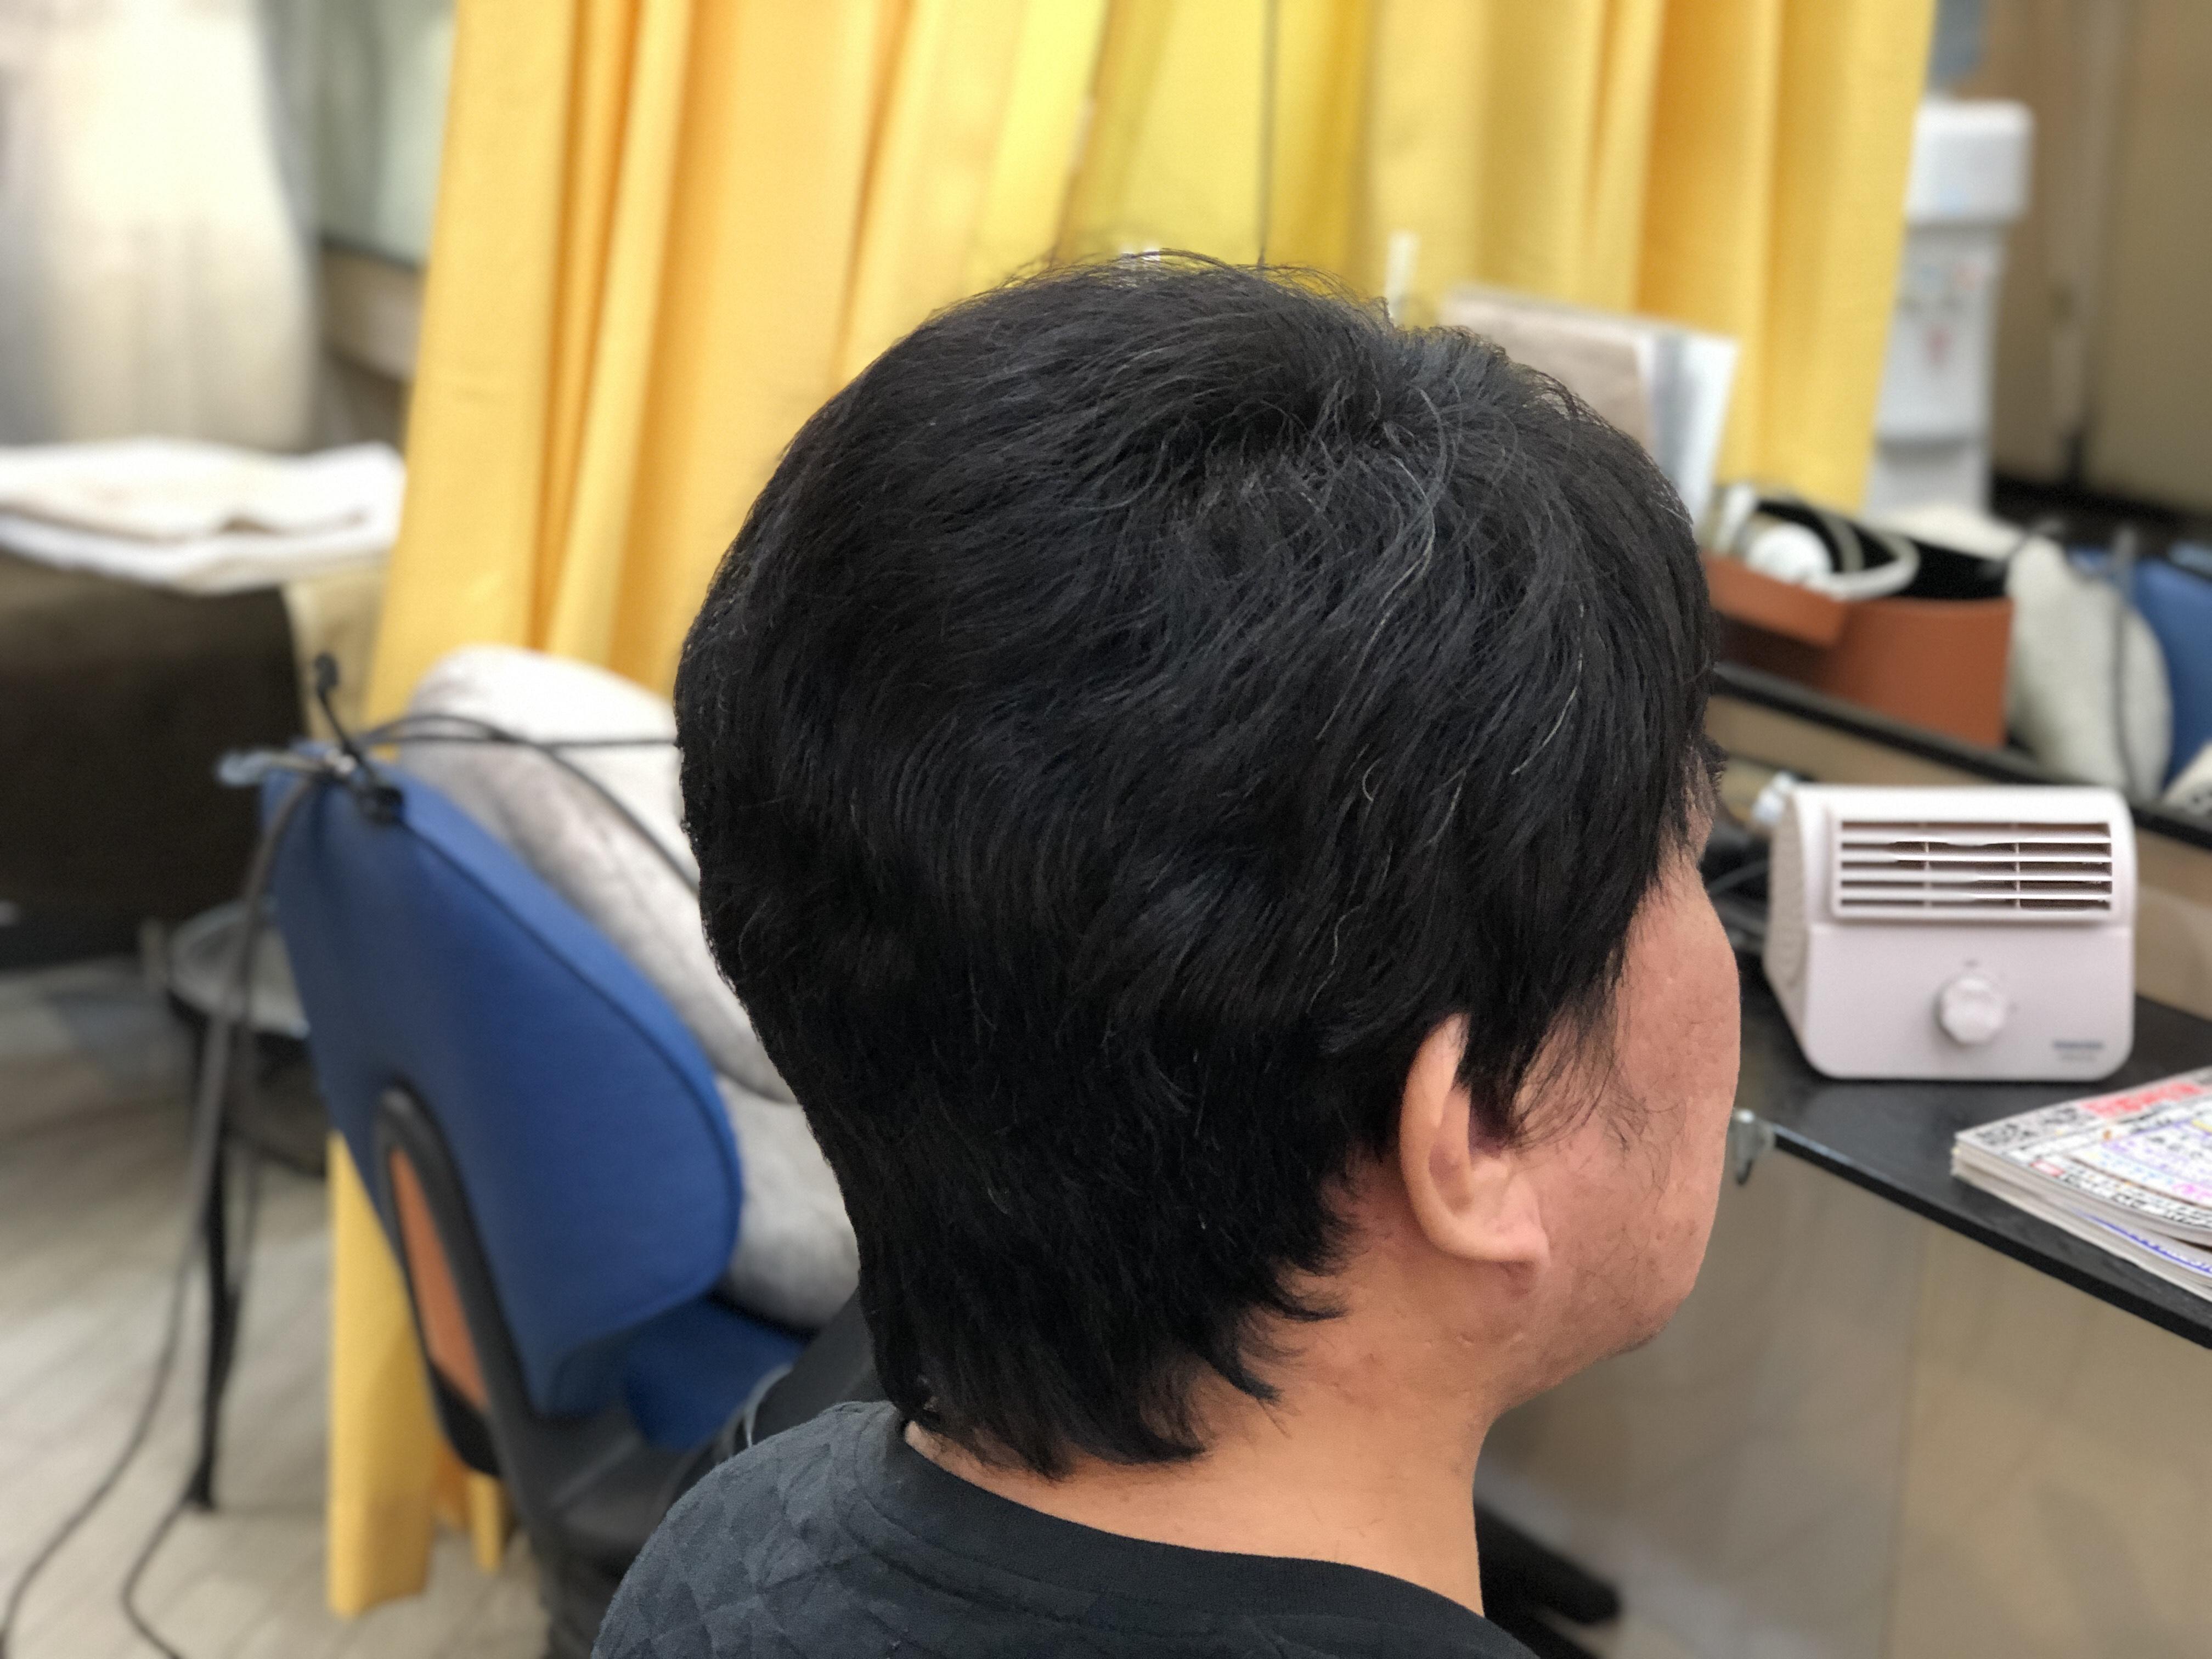 男性の方のくせ毛もキュビズムカットで楽になります。